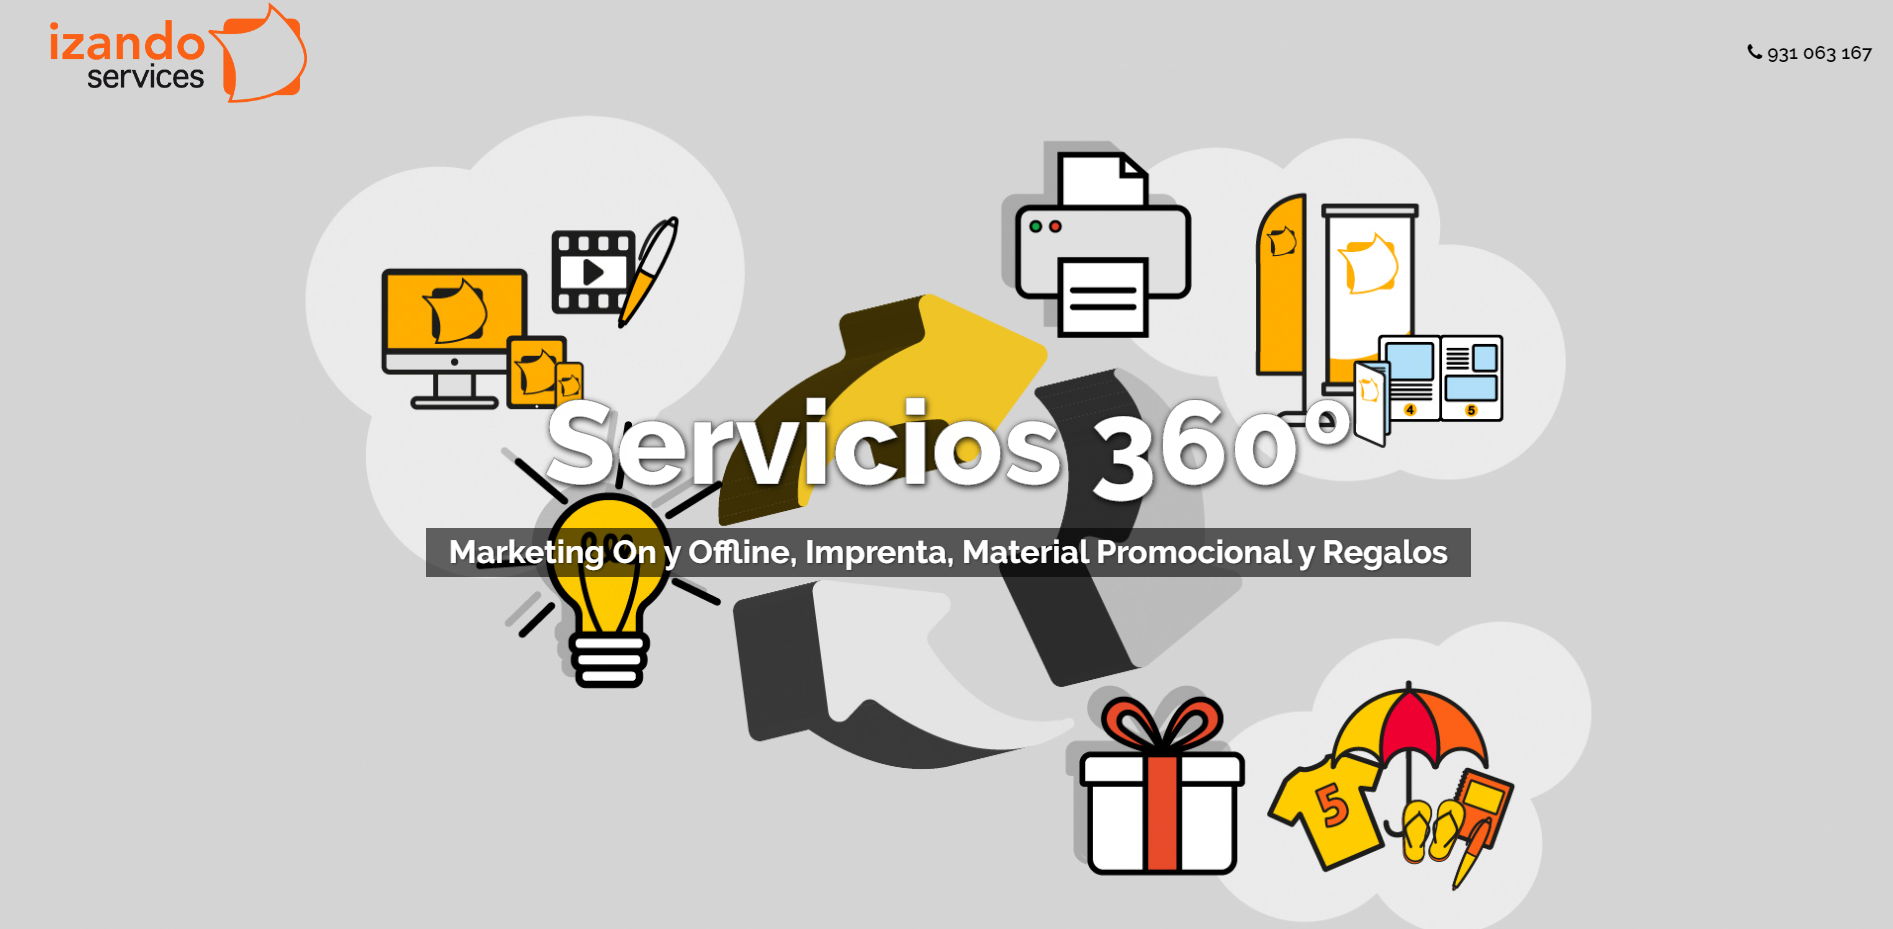 nueva imagen web izando services enero 2020